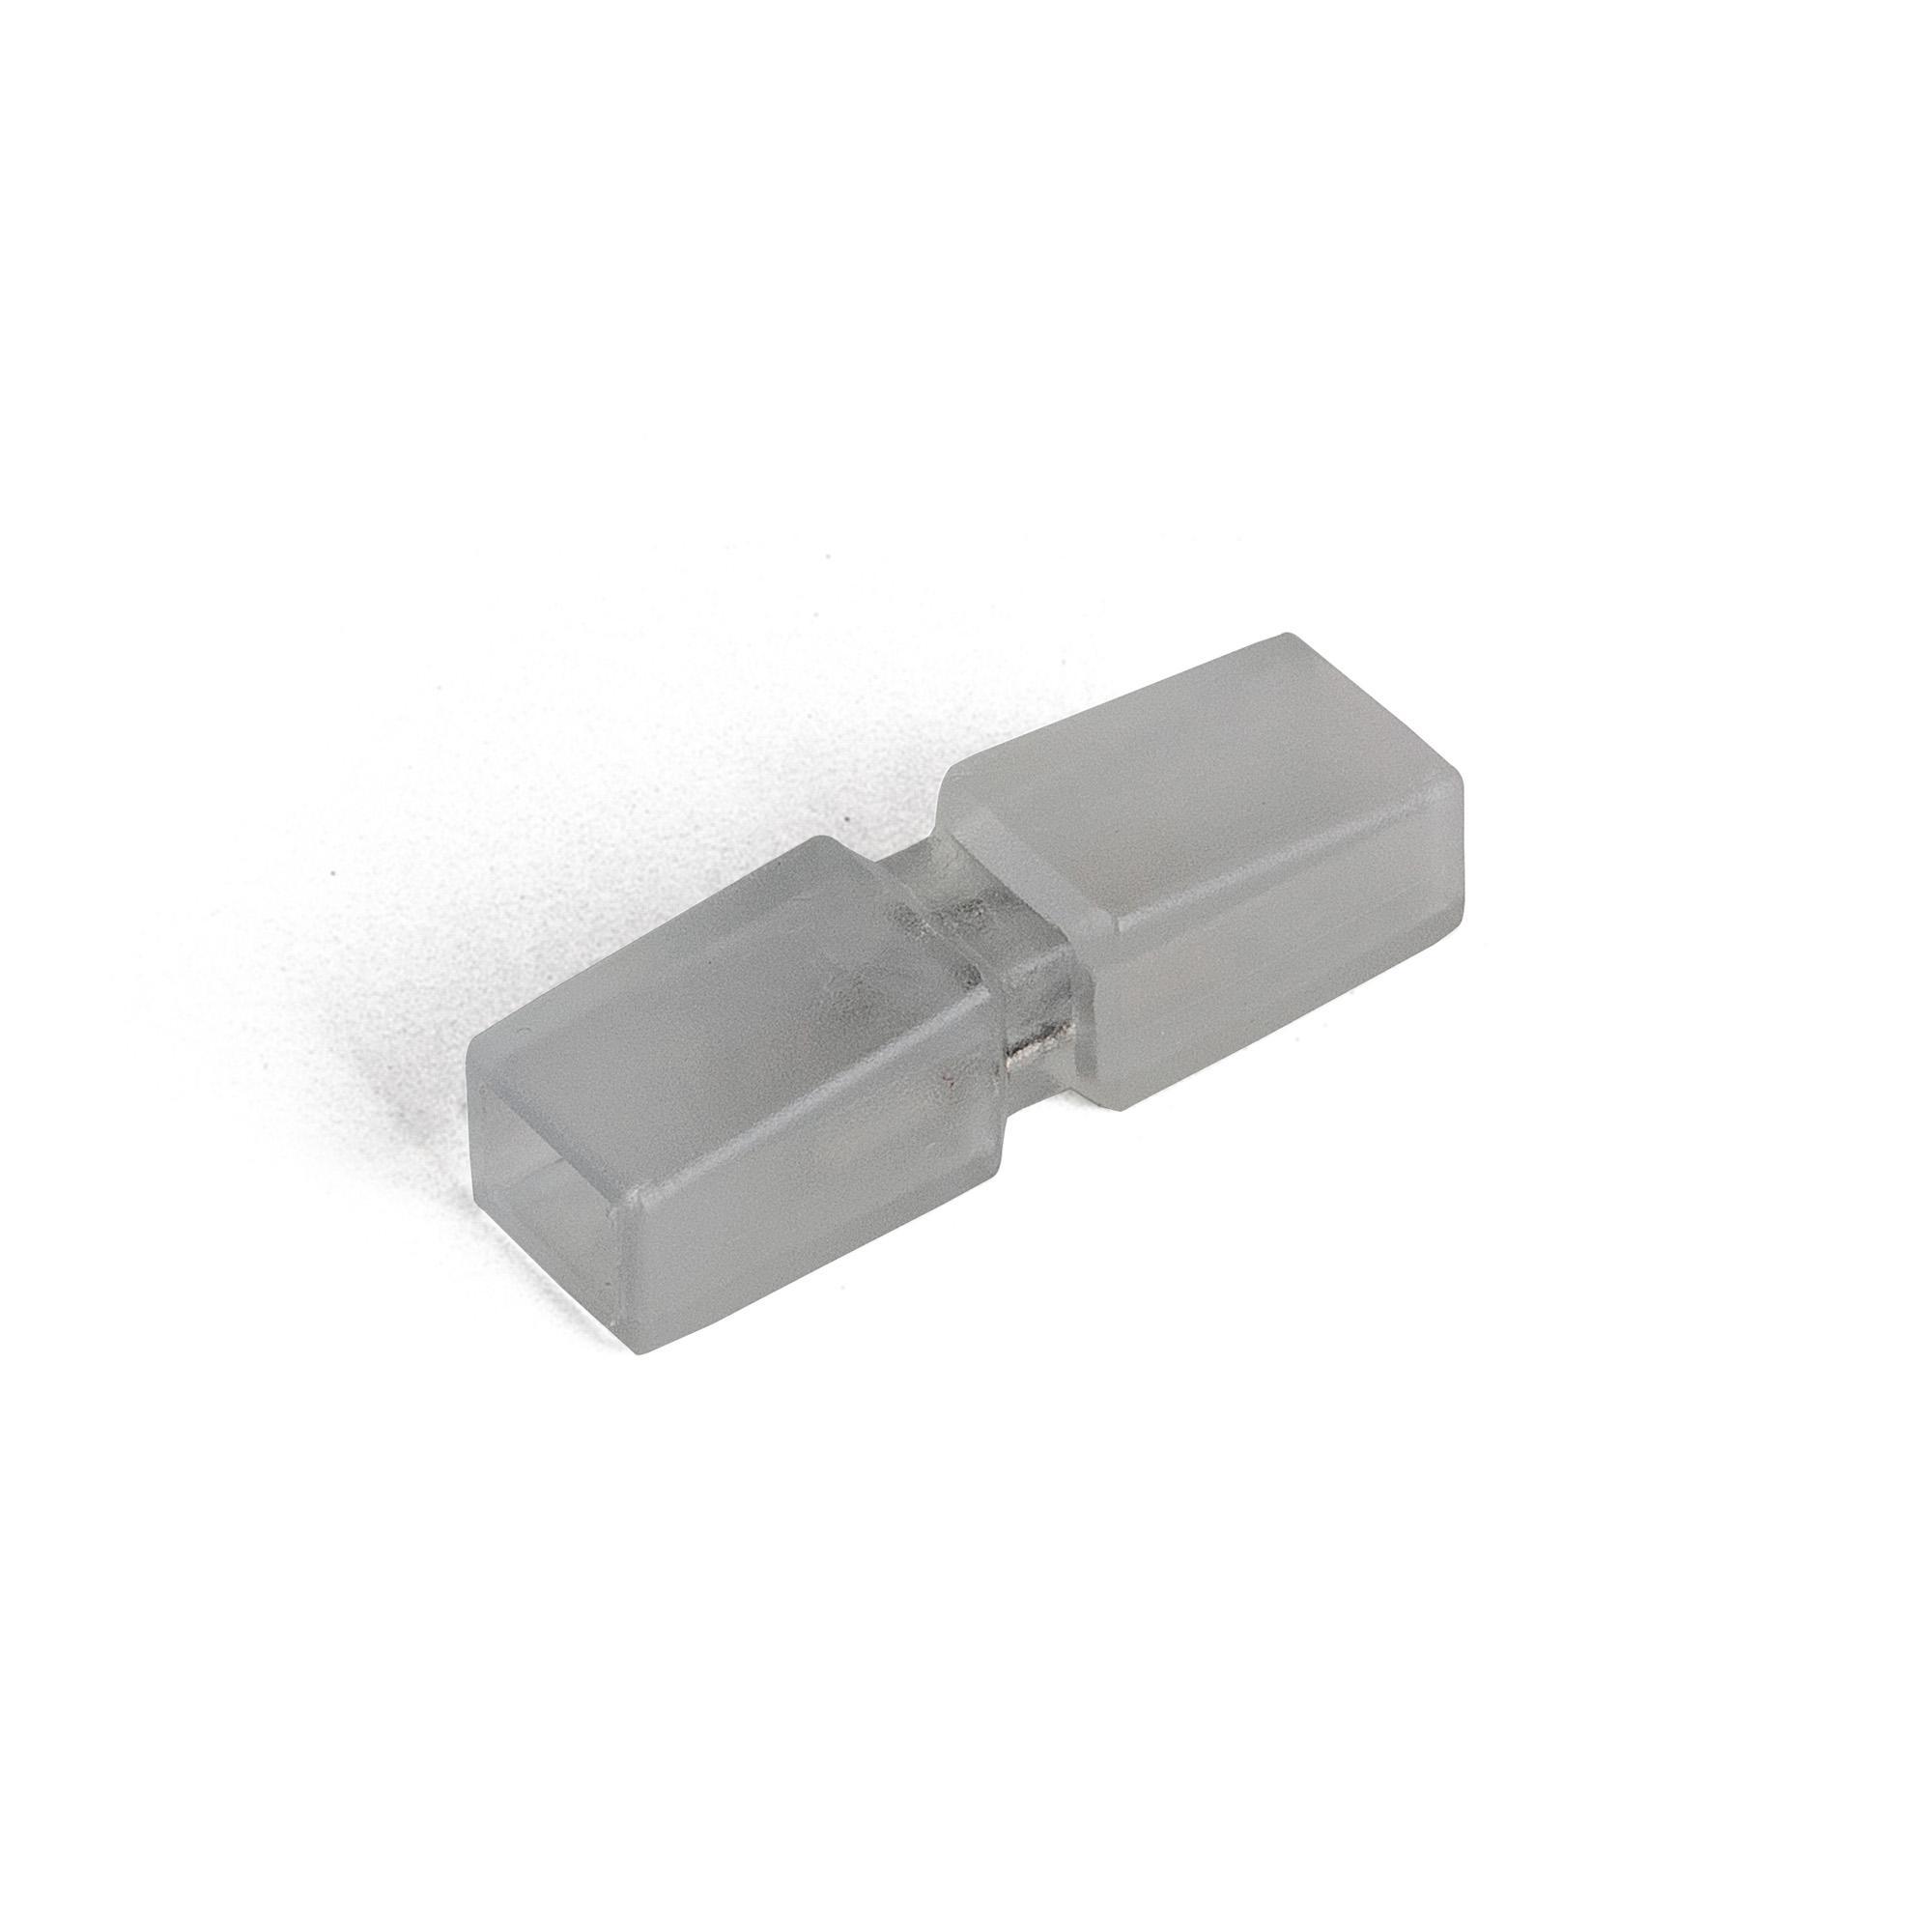 Переходник для ленты 220V 3528, 2835 нов (10pkt)